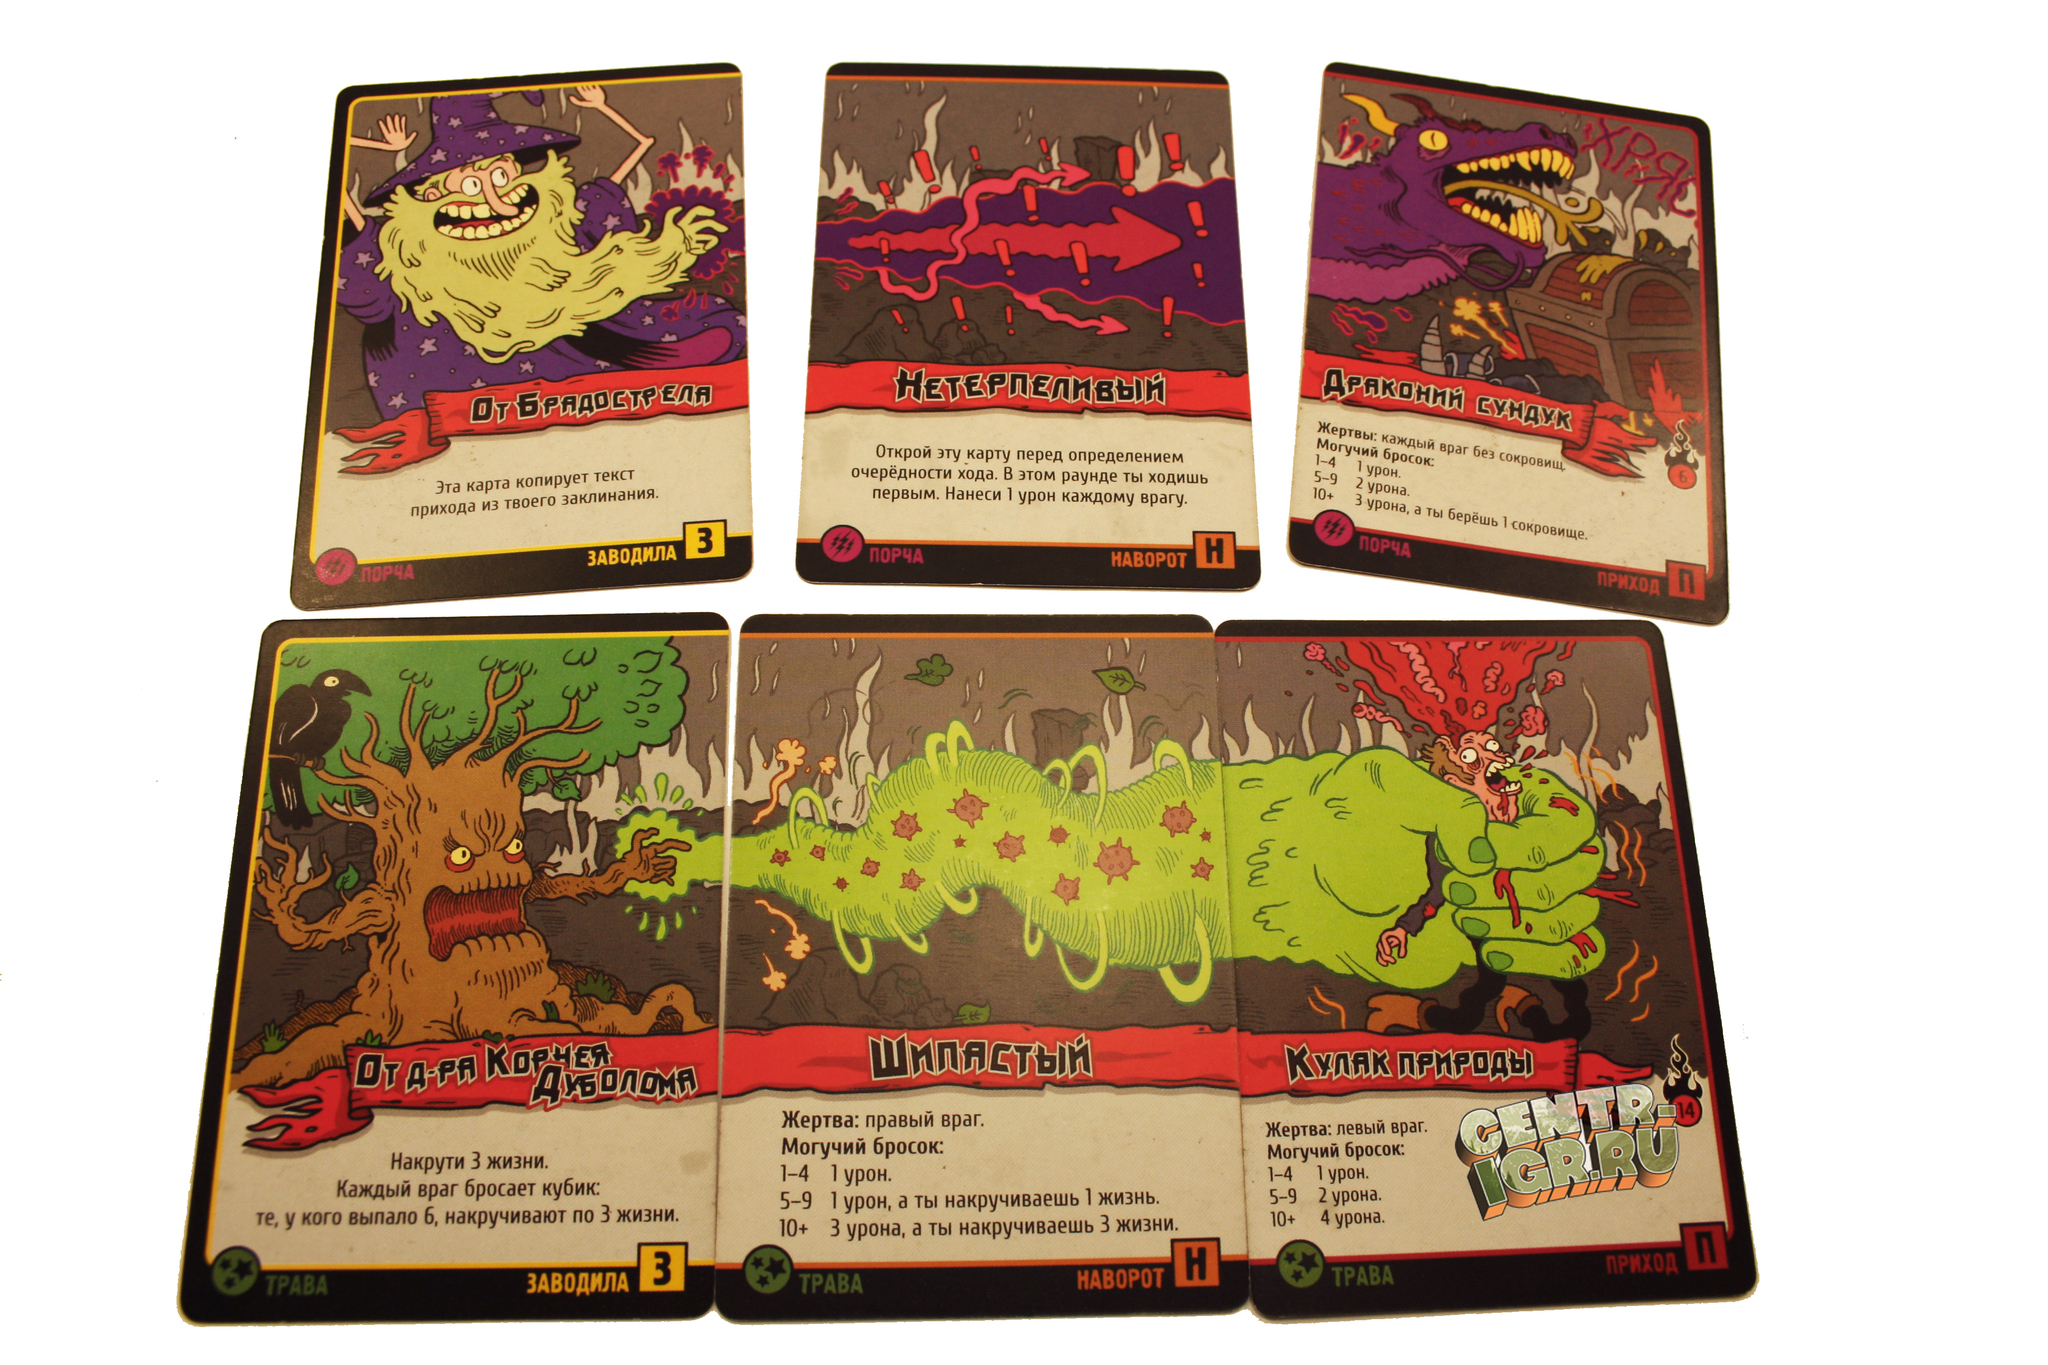 Настольная игра Эпичные схватки боевых магов: Битва на горе Черепламени карты заклинаний